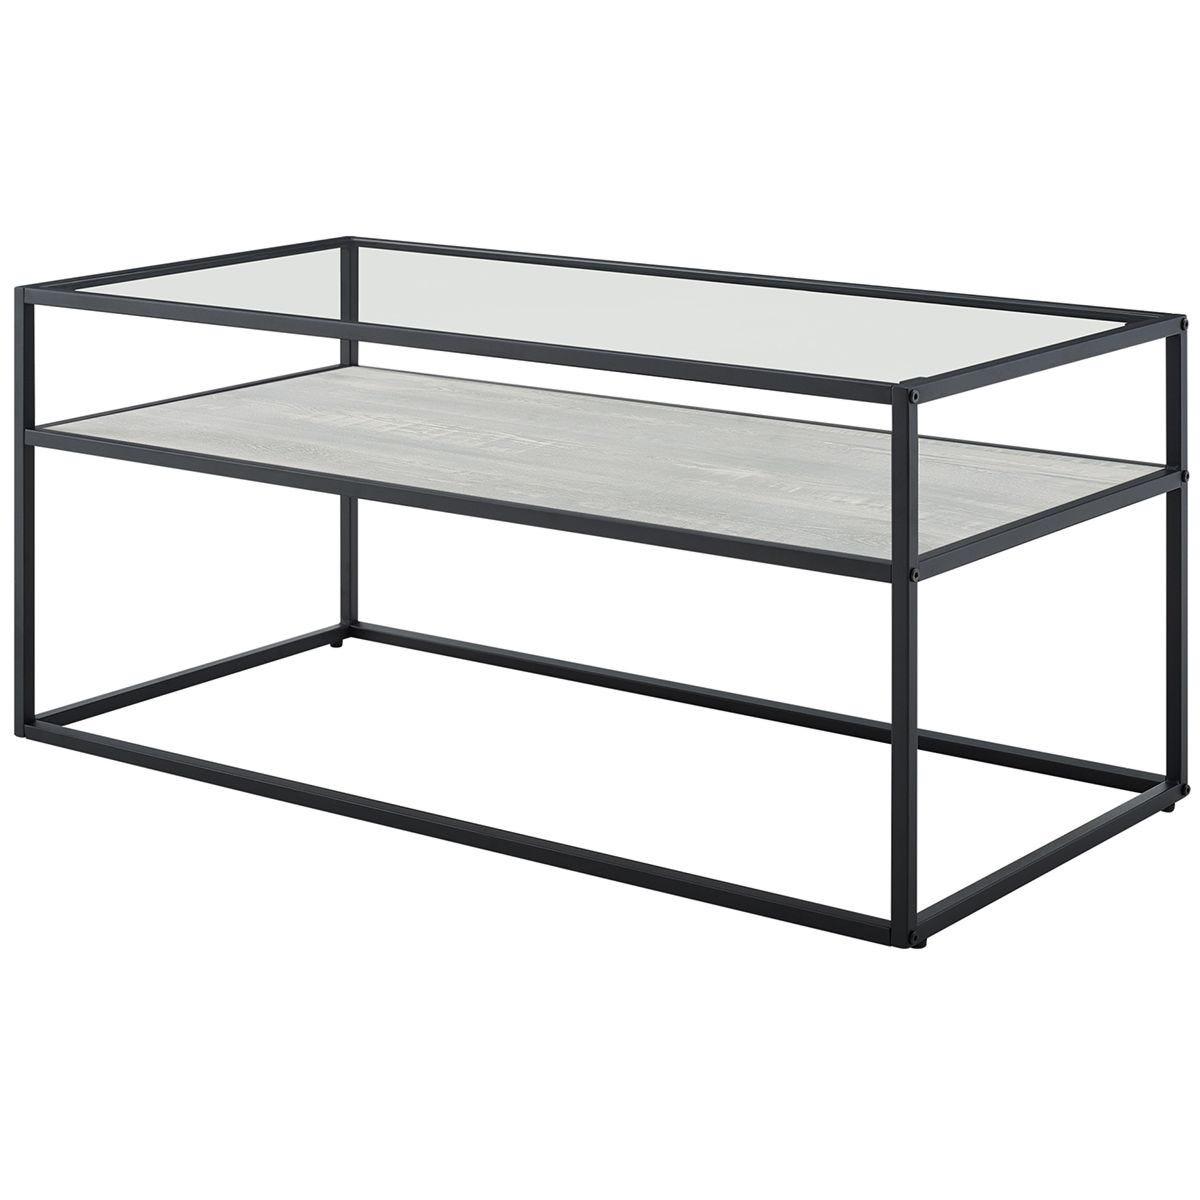 Modern Reversible Shelf Coffee Table - Rustic Oak/Stone Grey